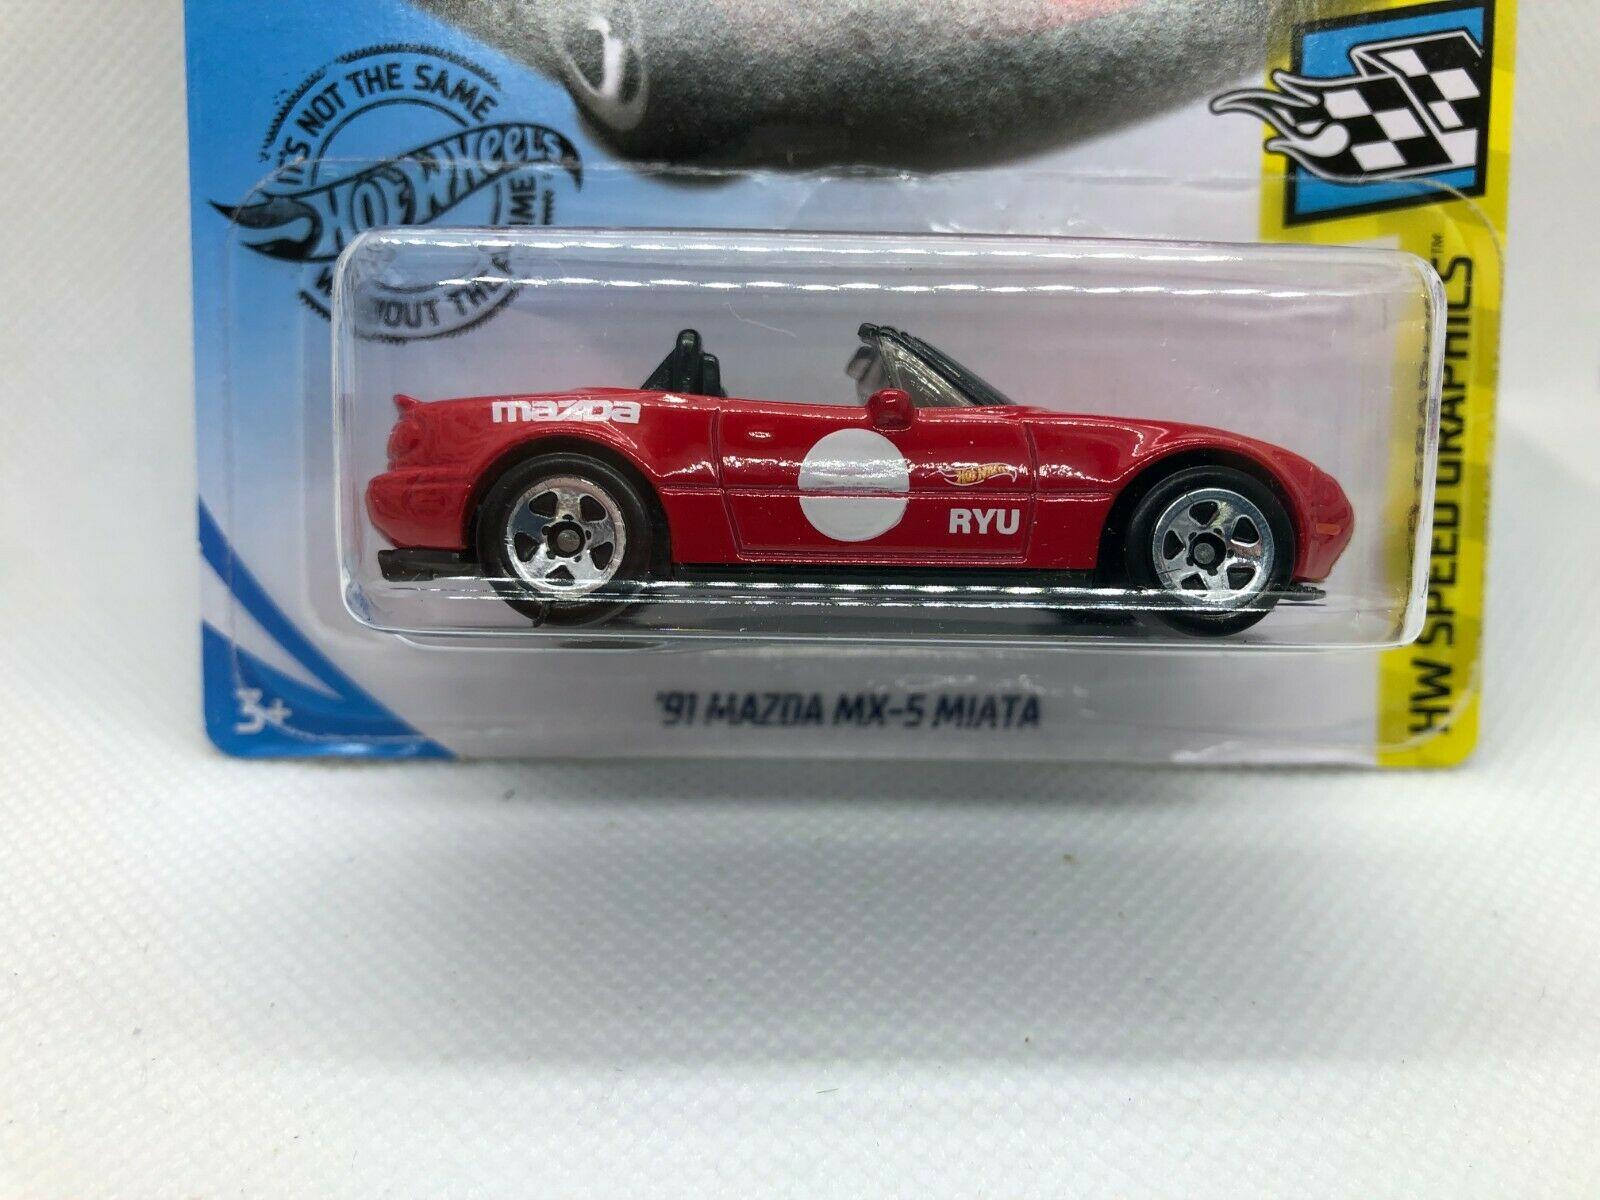 91 Mazda MX-5 Miata